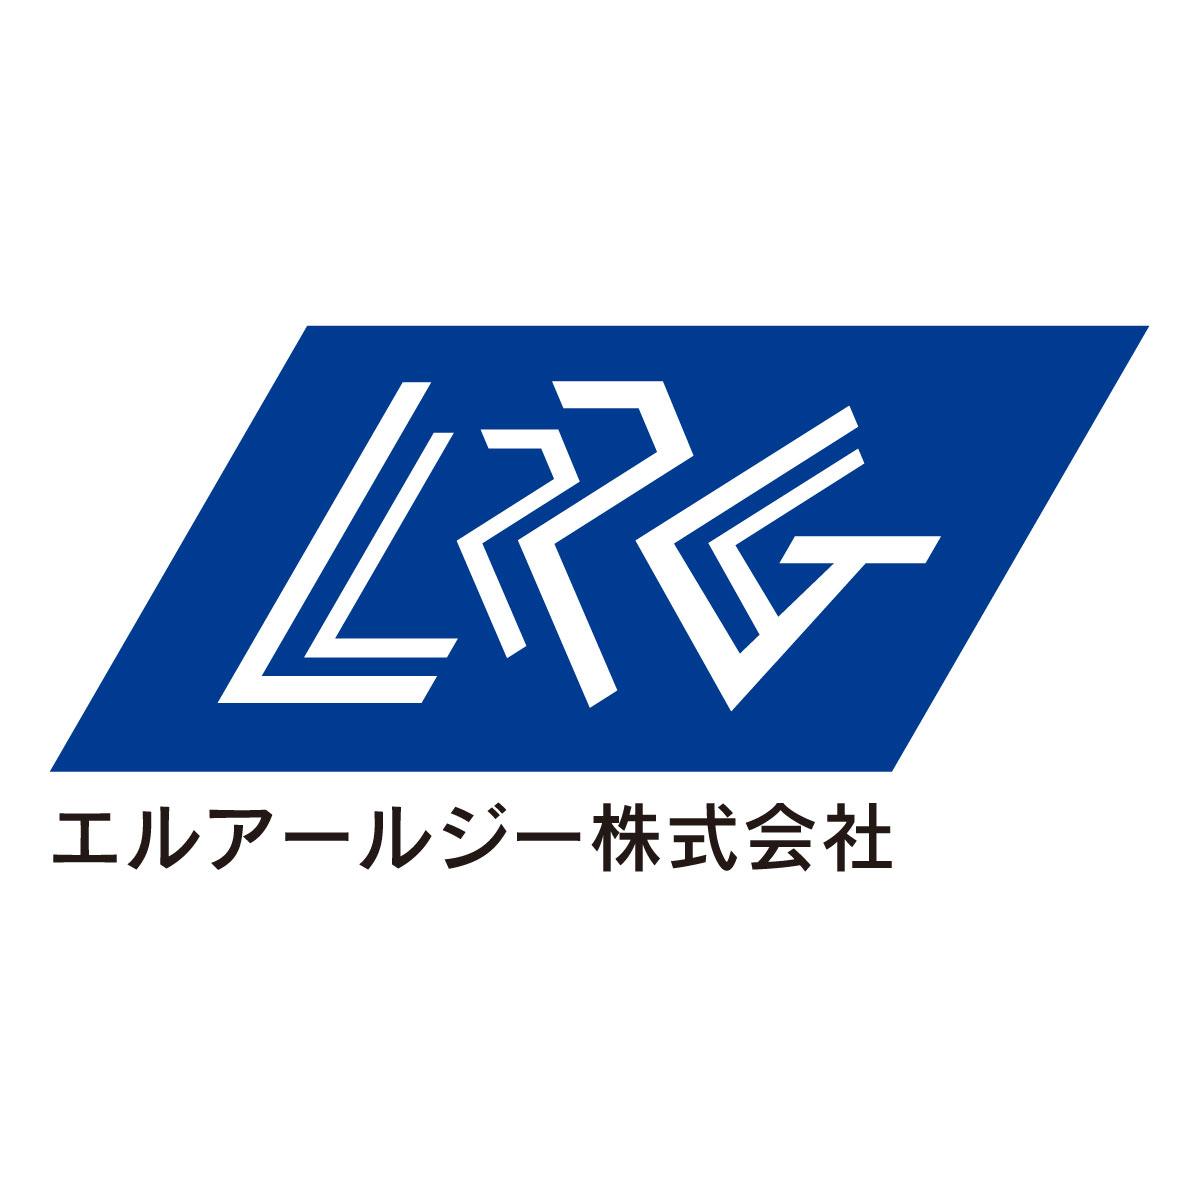 青色バージョンのロゴマーク(社名あり)